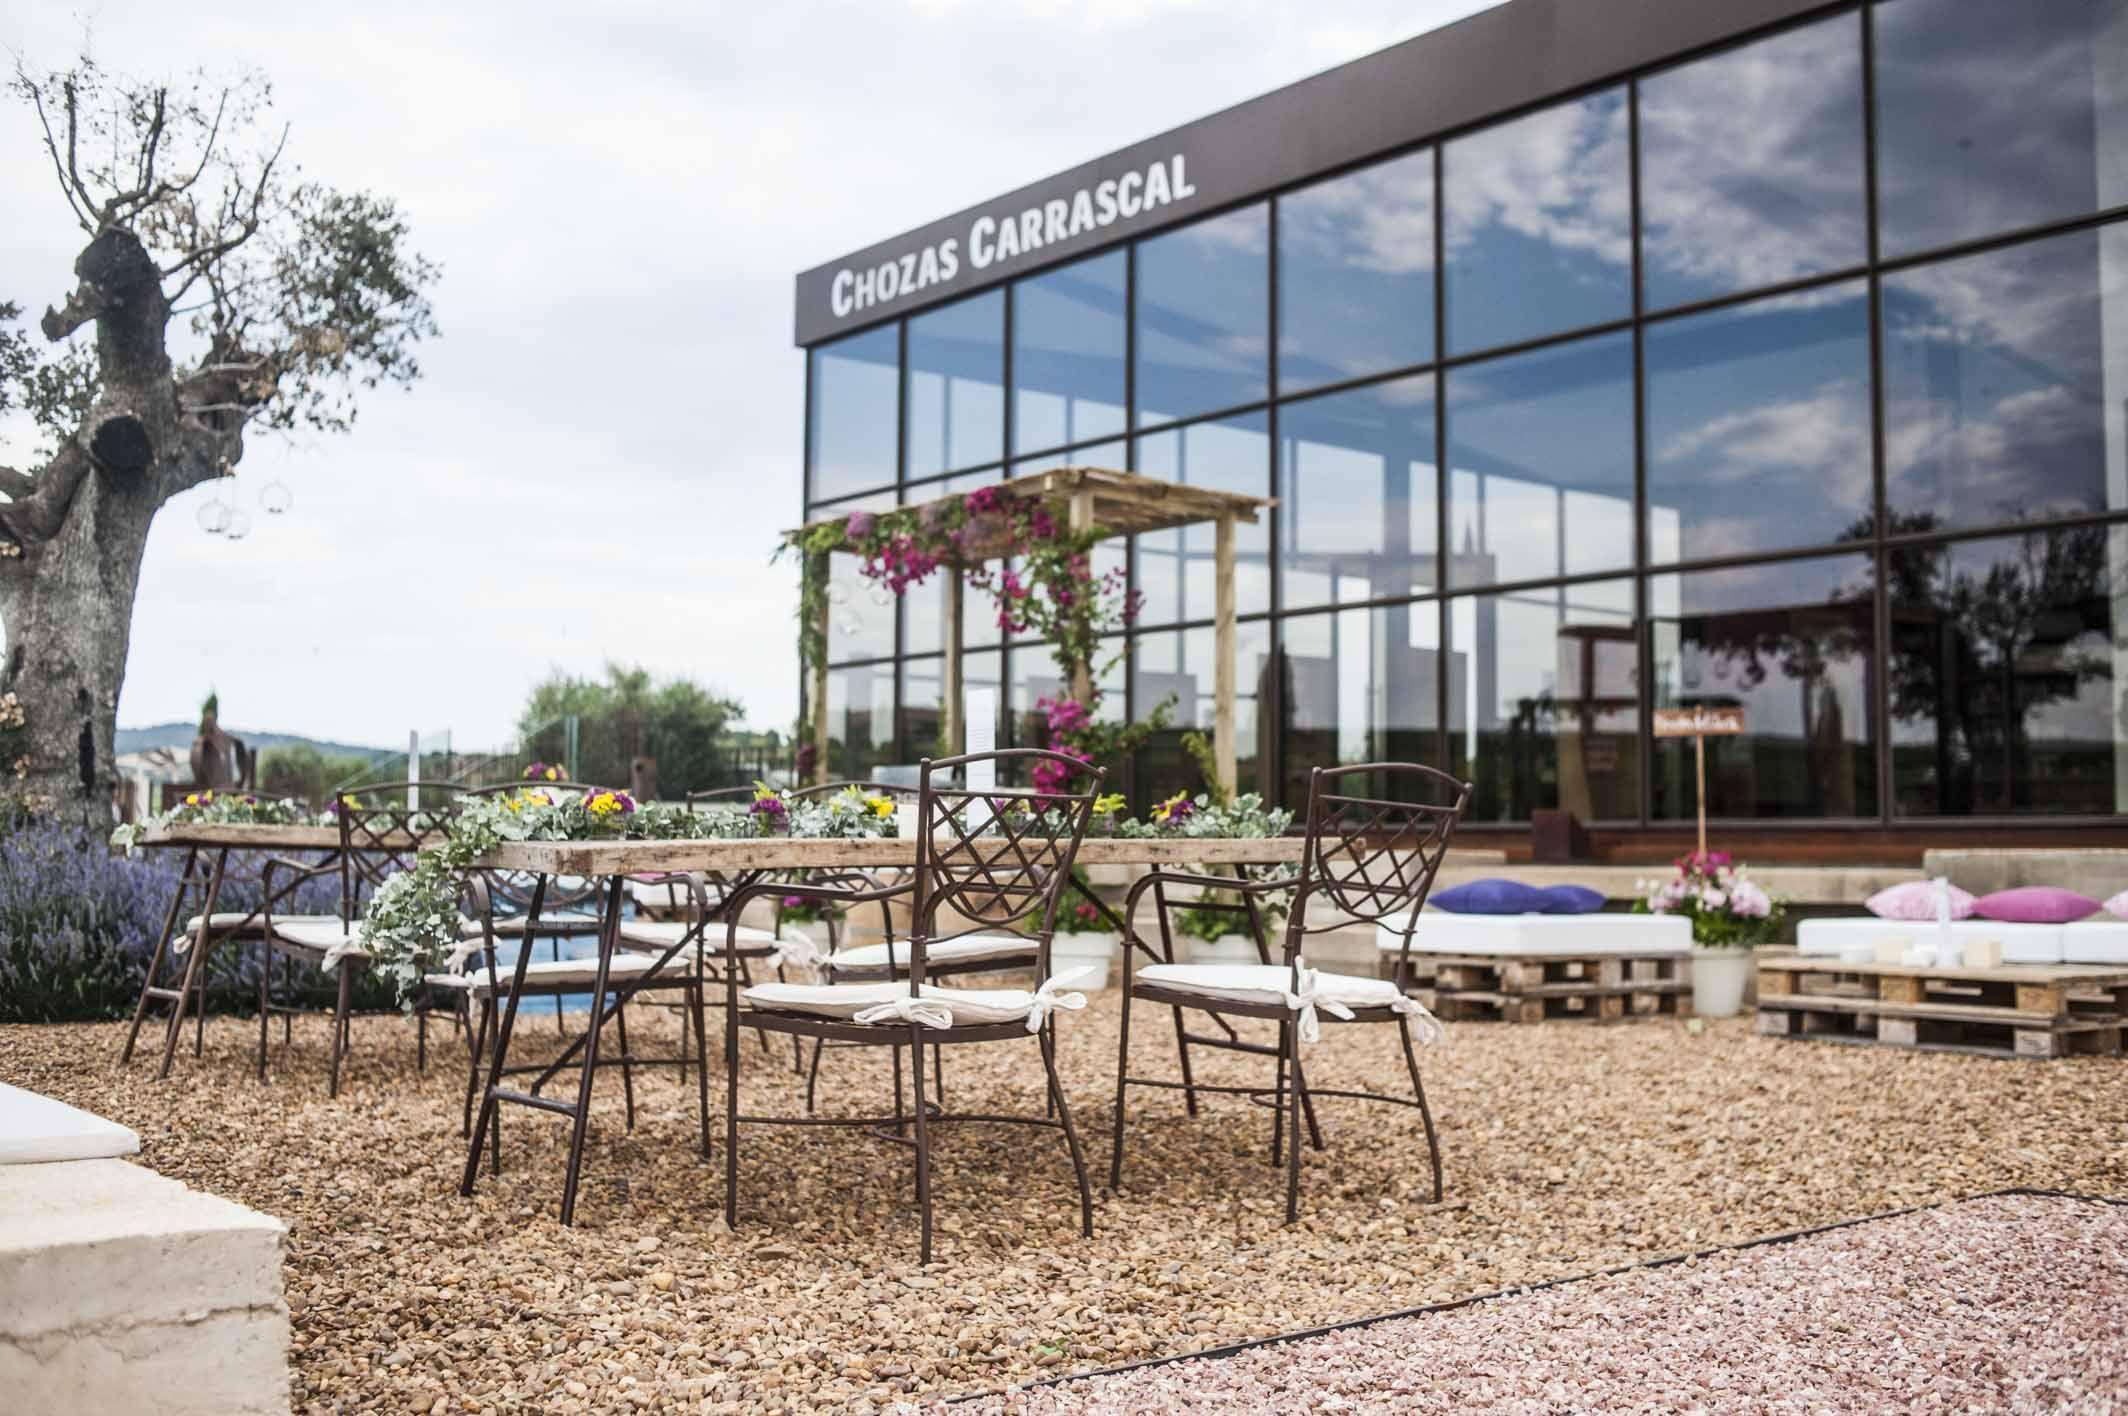 Terraza de bodega chozas carrascal muebles de forja de https fustaiferro - Muebles terraza valencia ...